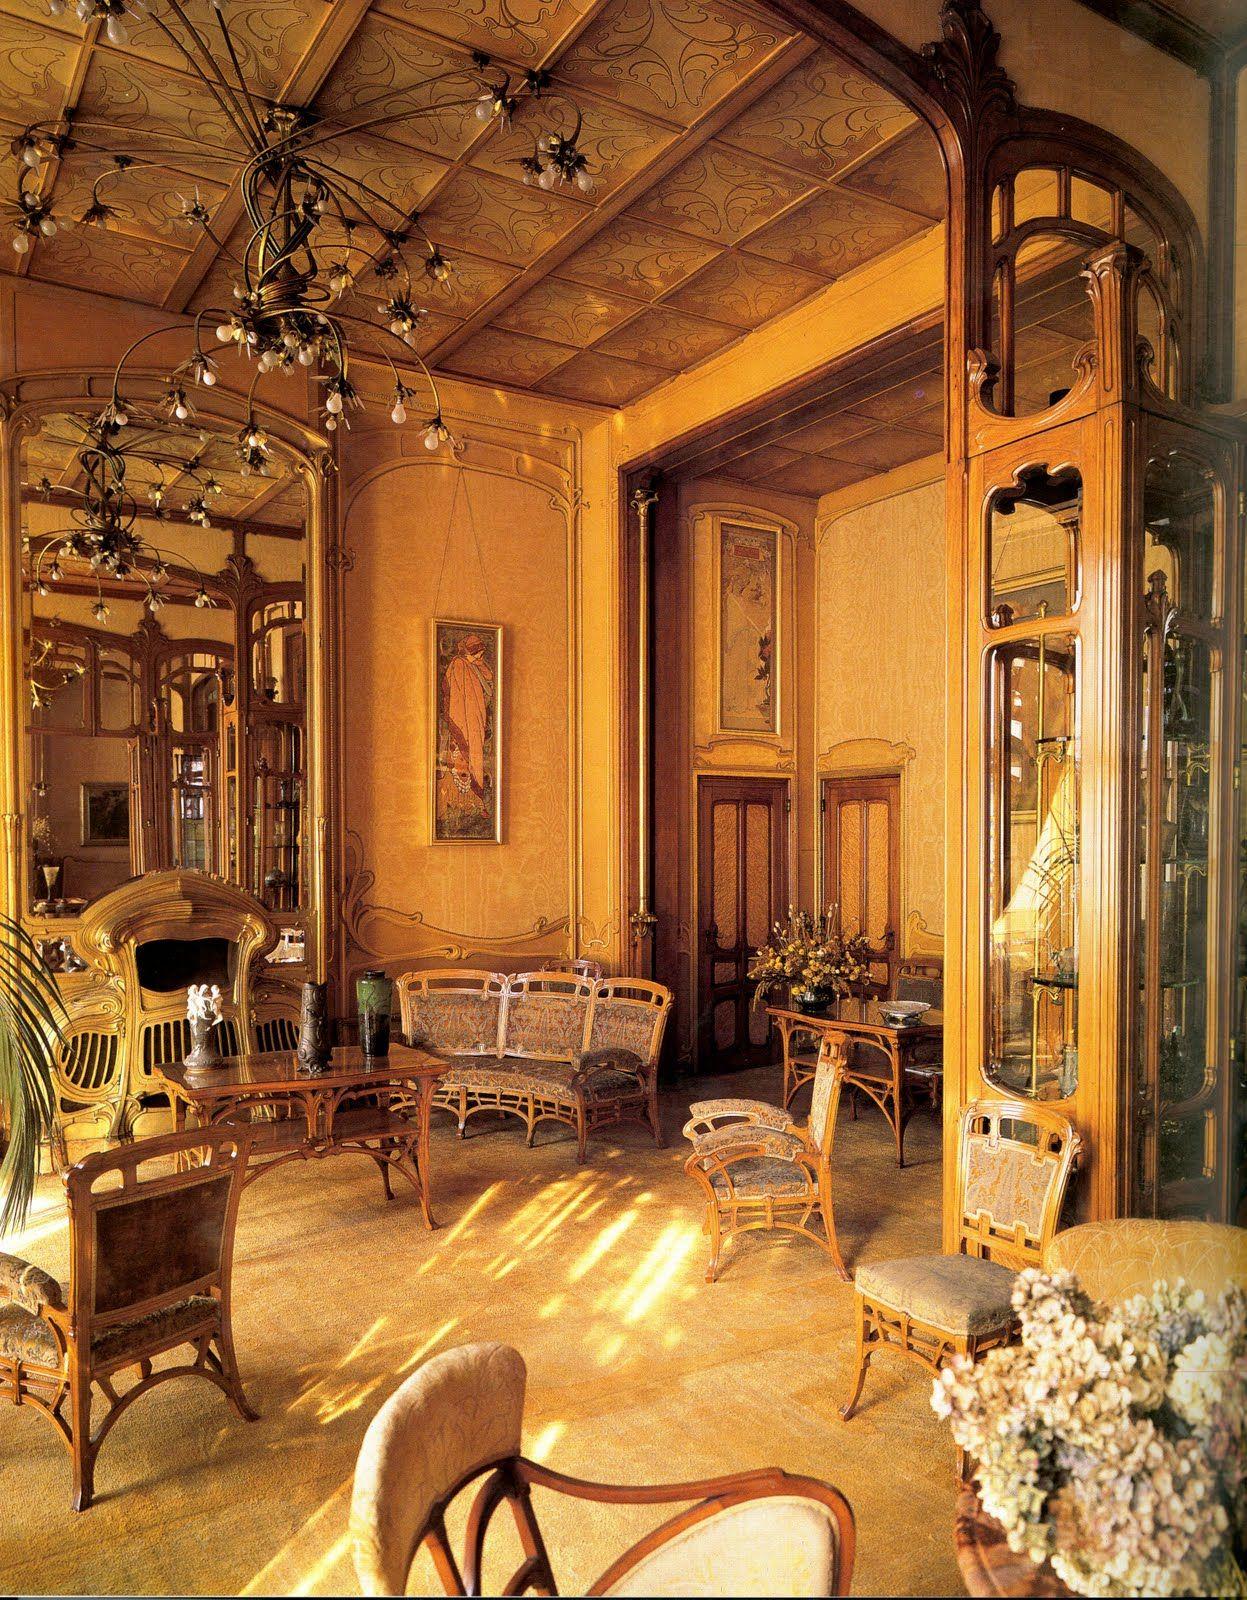 Hotel Solvay Victor Horta 1900 1247 1600 Art Nouveau Interior Art Nouveau Architecture Art Nouveau